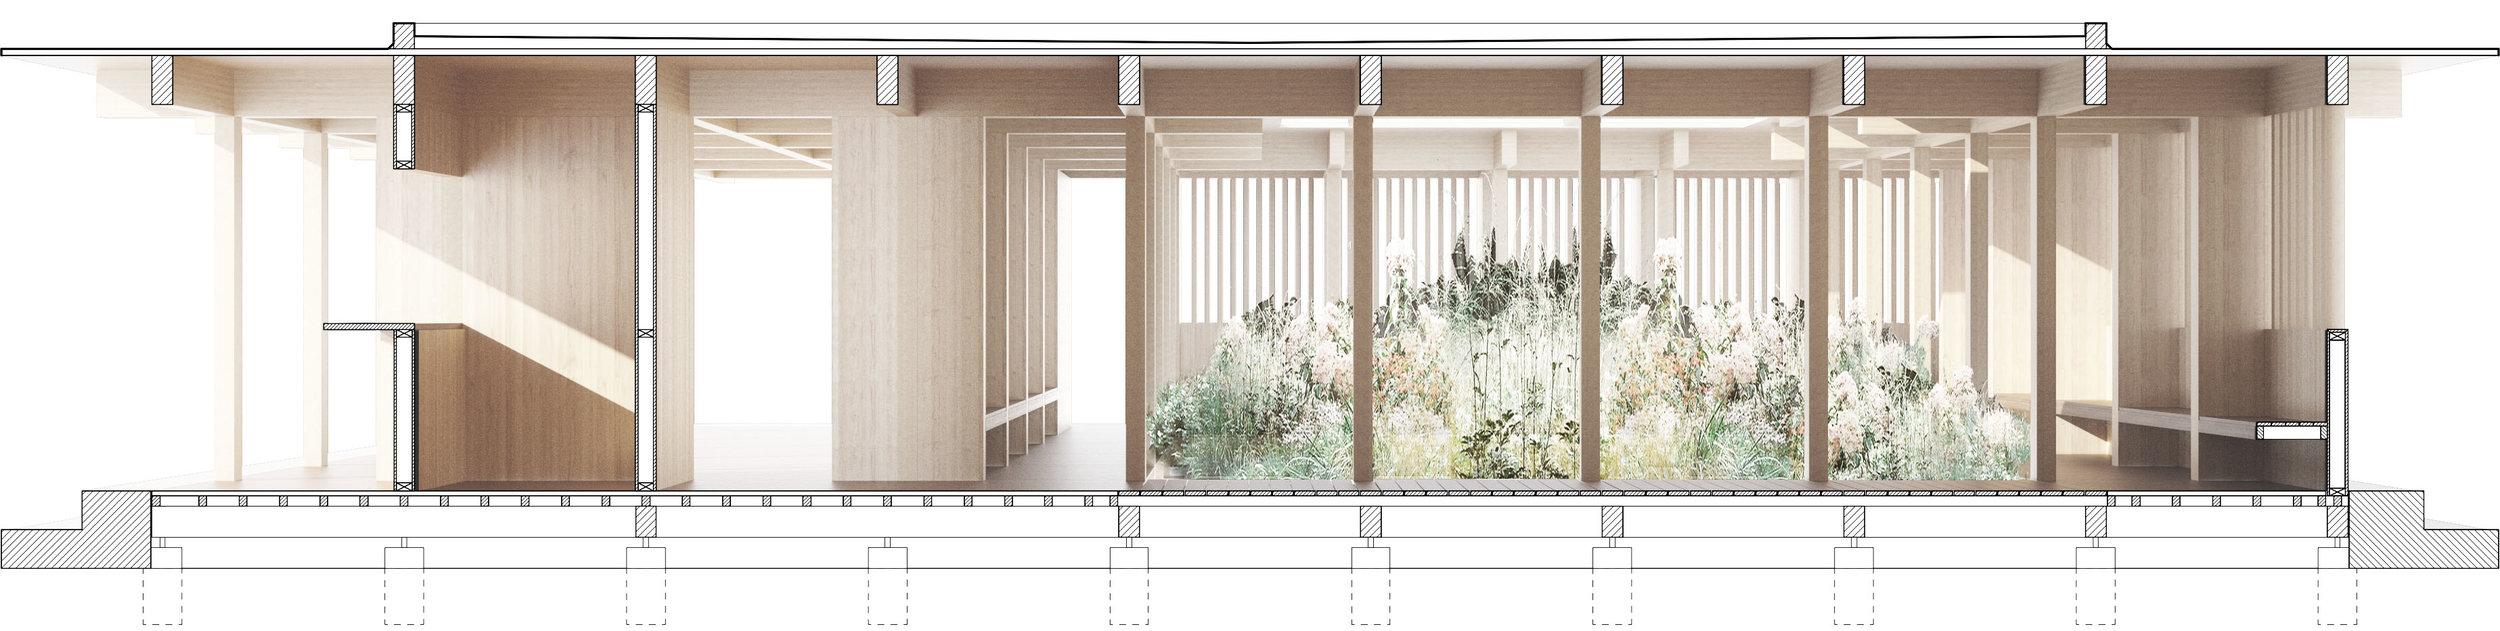 Entwurf von Soheyl Aslani, Konrad Peter, Tobias Kohlstruck und Arved Sartorius